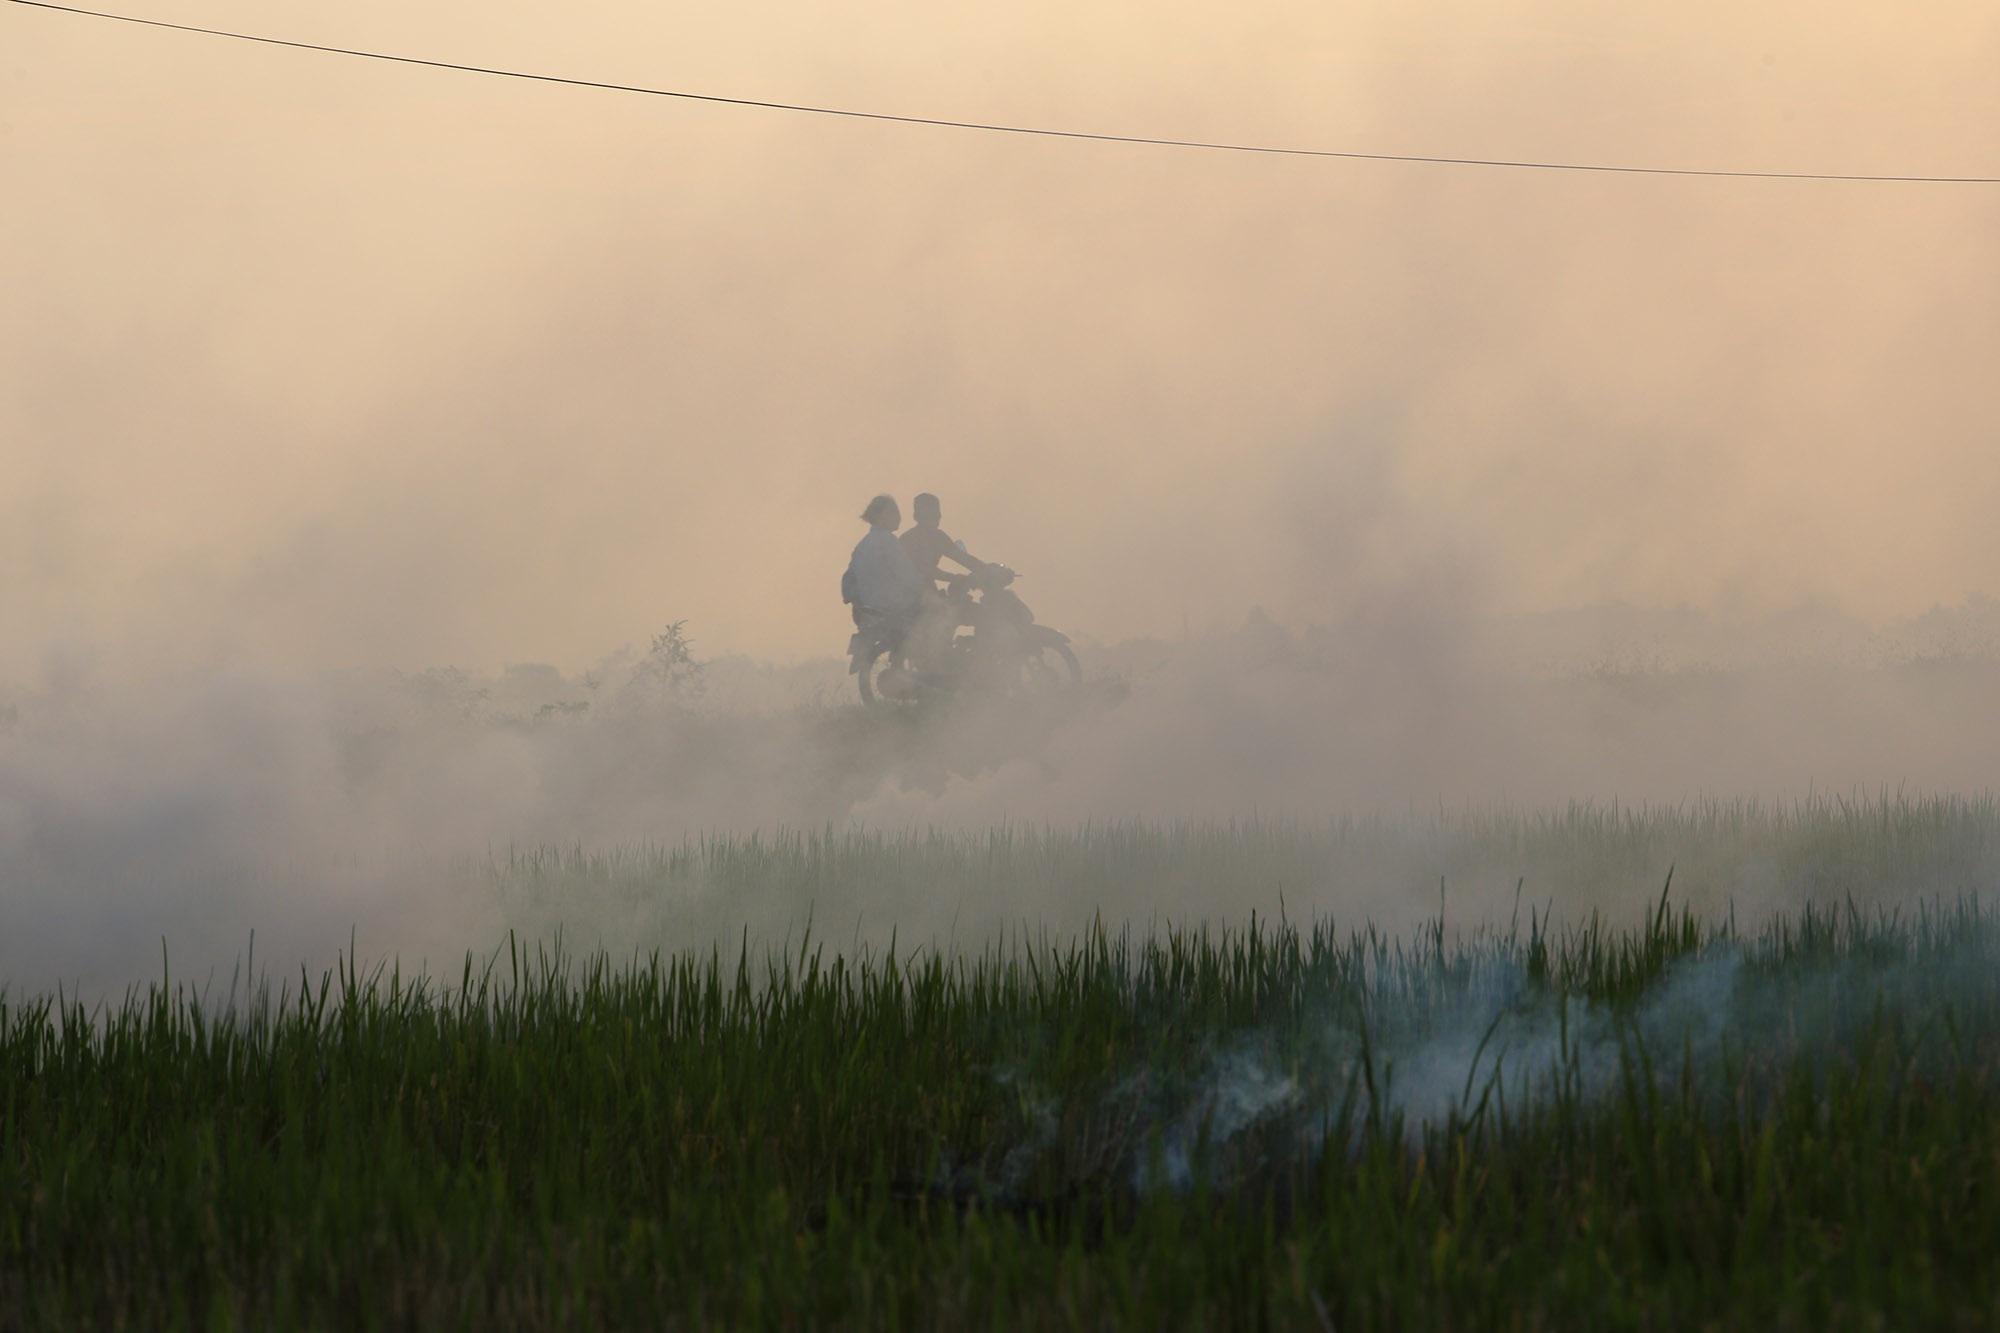 Cảnh khói trắng đặc quánh bao phủ cửa ngõ Hà Nội - 7